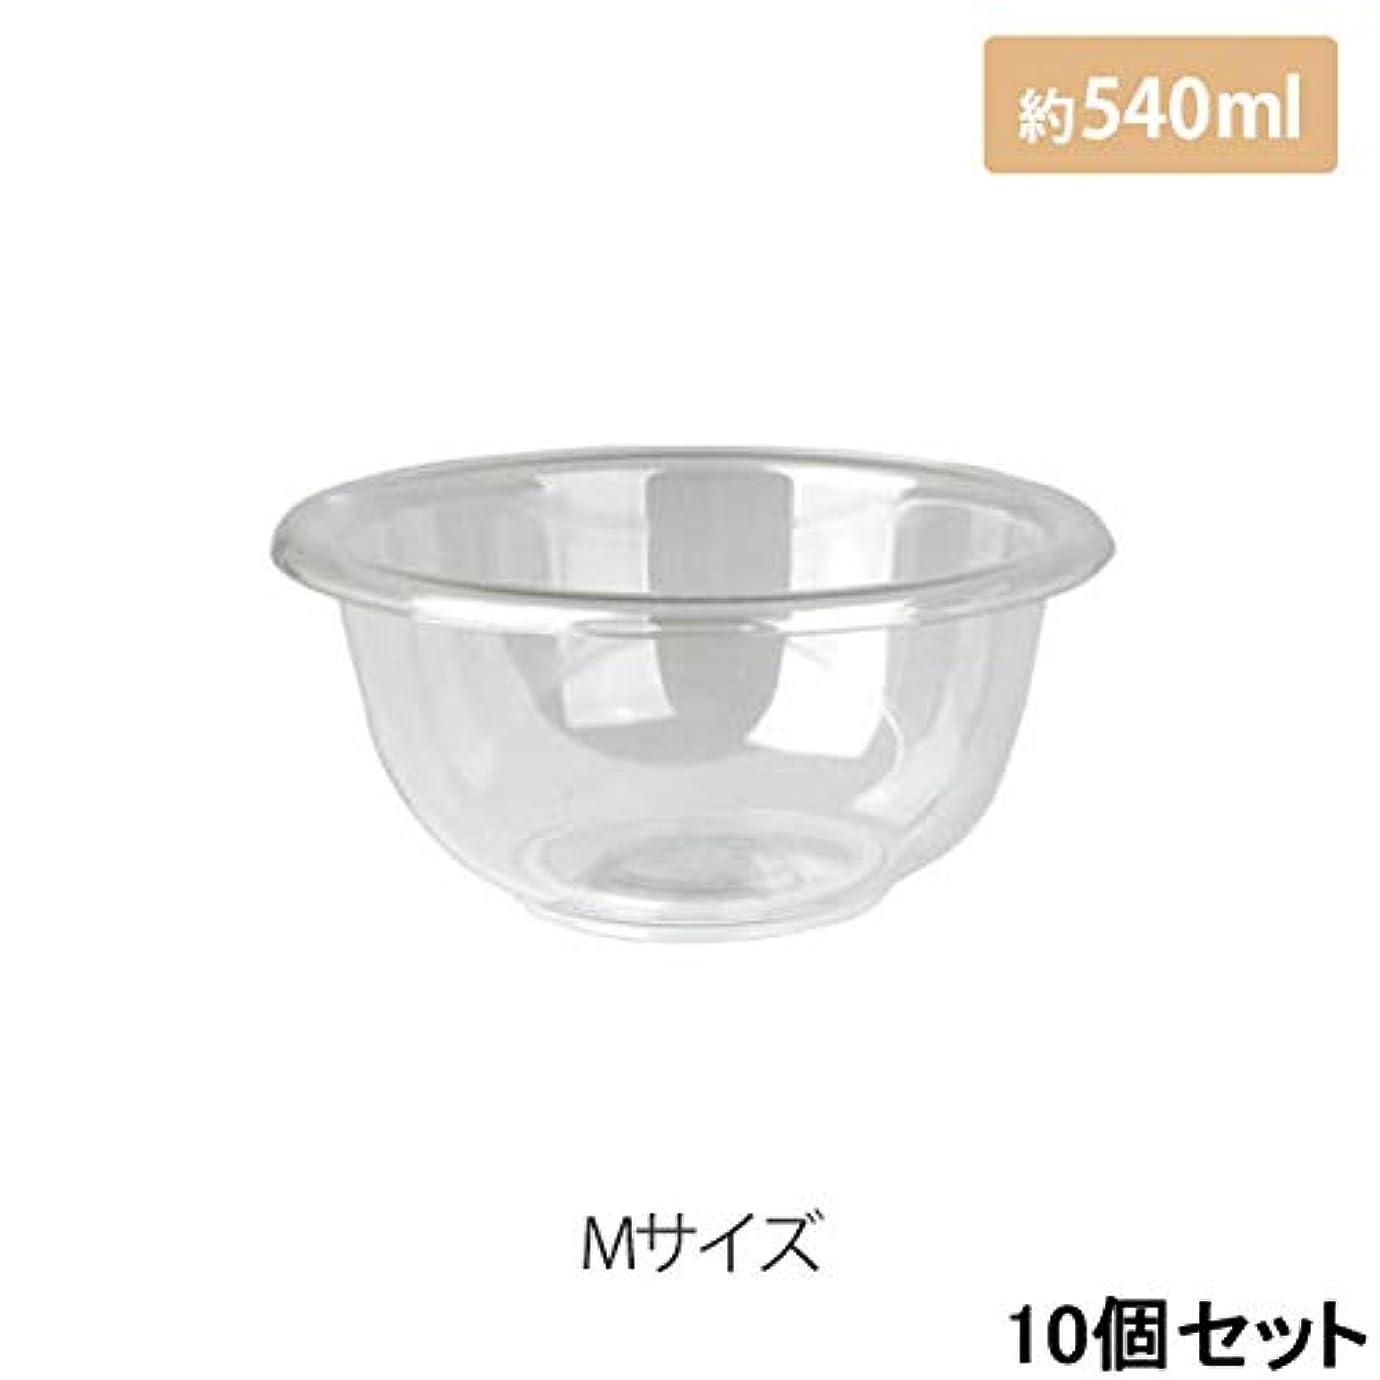 指令ネズミ軽蔑マイスター プラスティックボウル (Mサイズ) クリア 直径17cm (10個セット) [ プラスチックボール カップボウル カップボール エステ サロン プラスチック ボウル カップ 割れない ]